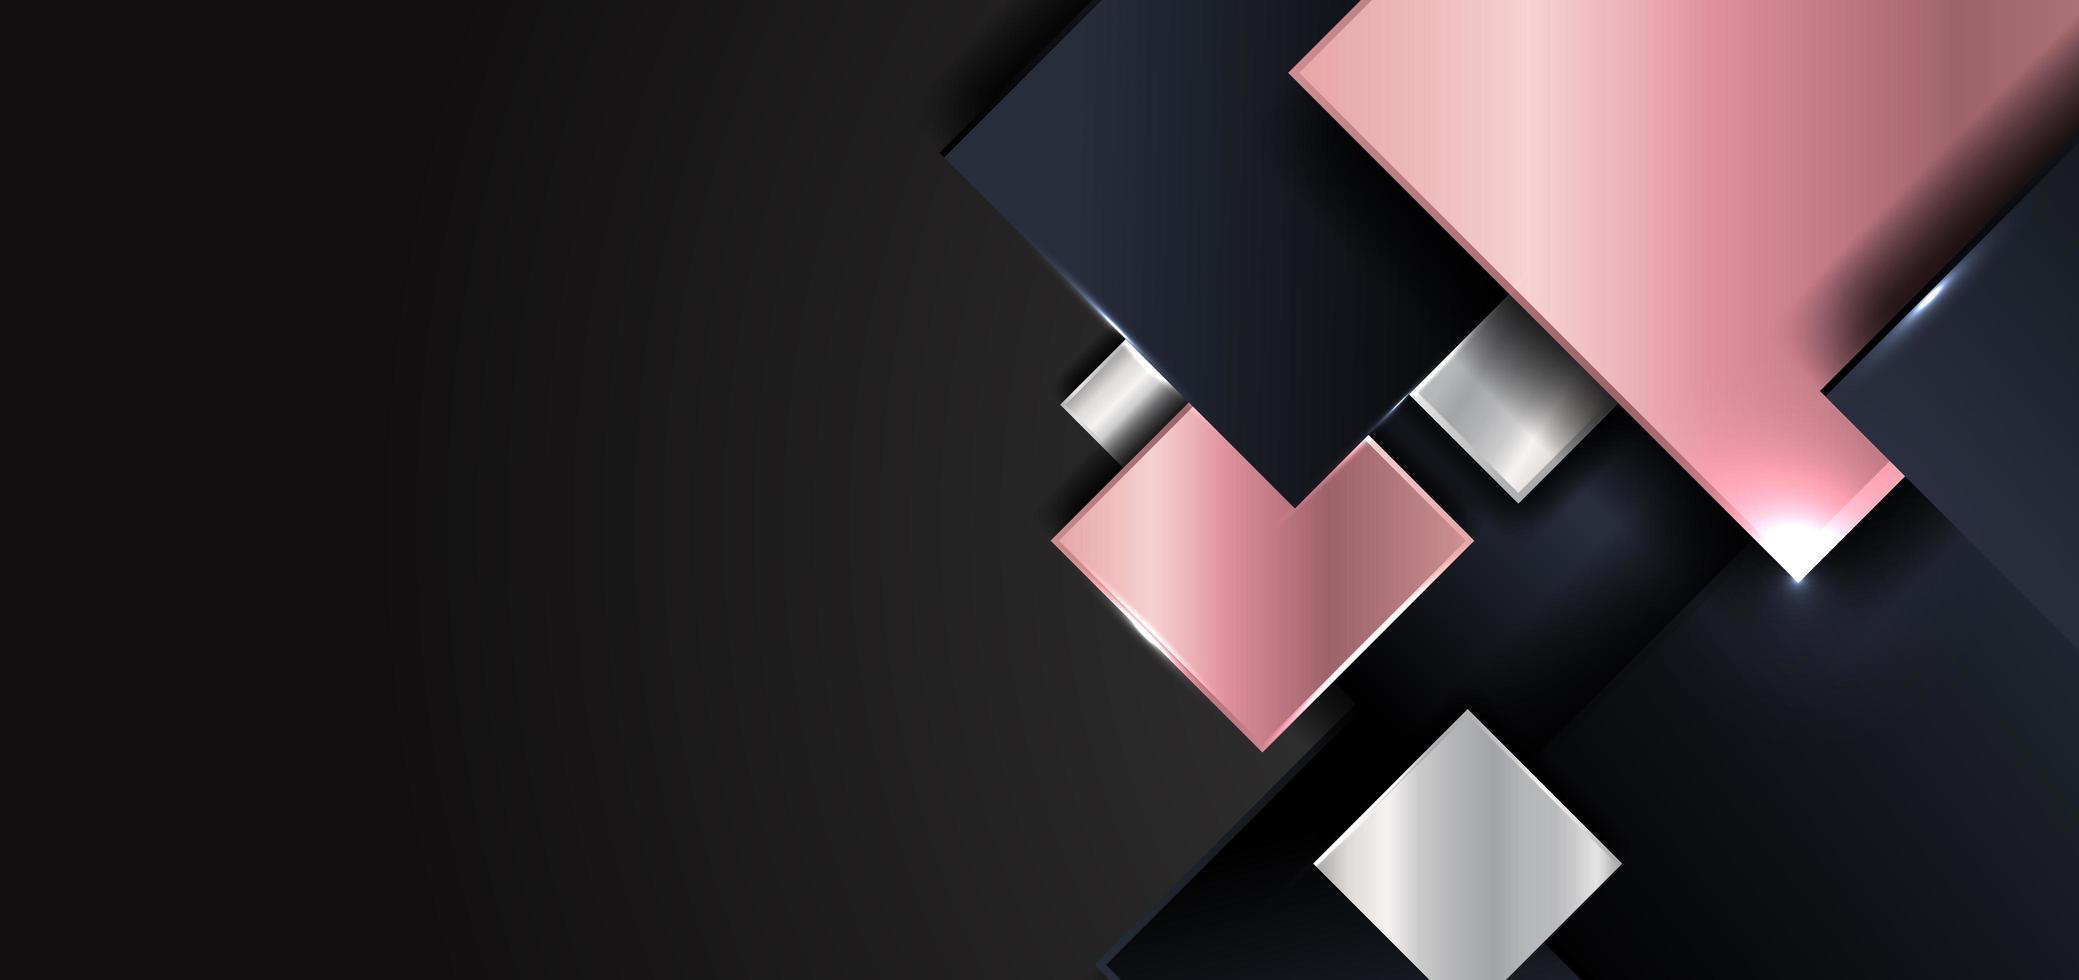 abstrakt geometrisk fyrkantig form glänsande rosa guld, silver, mörkblå färg överlappar med skuggor på svart bakgrund vektor